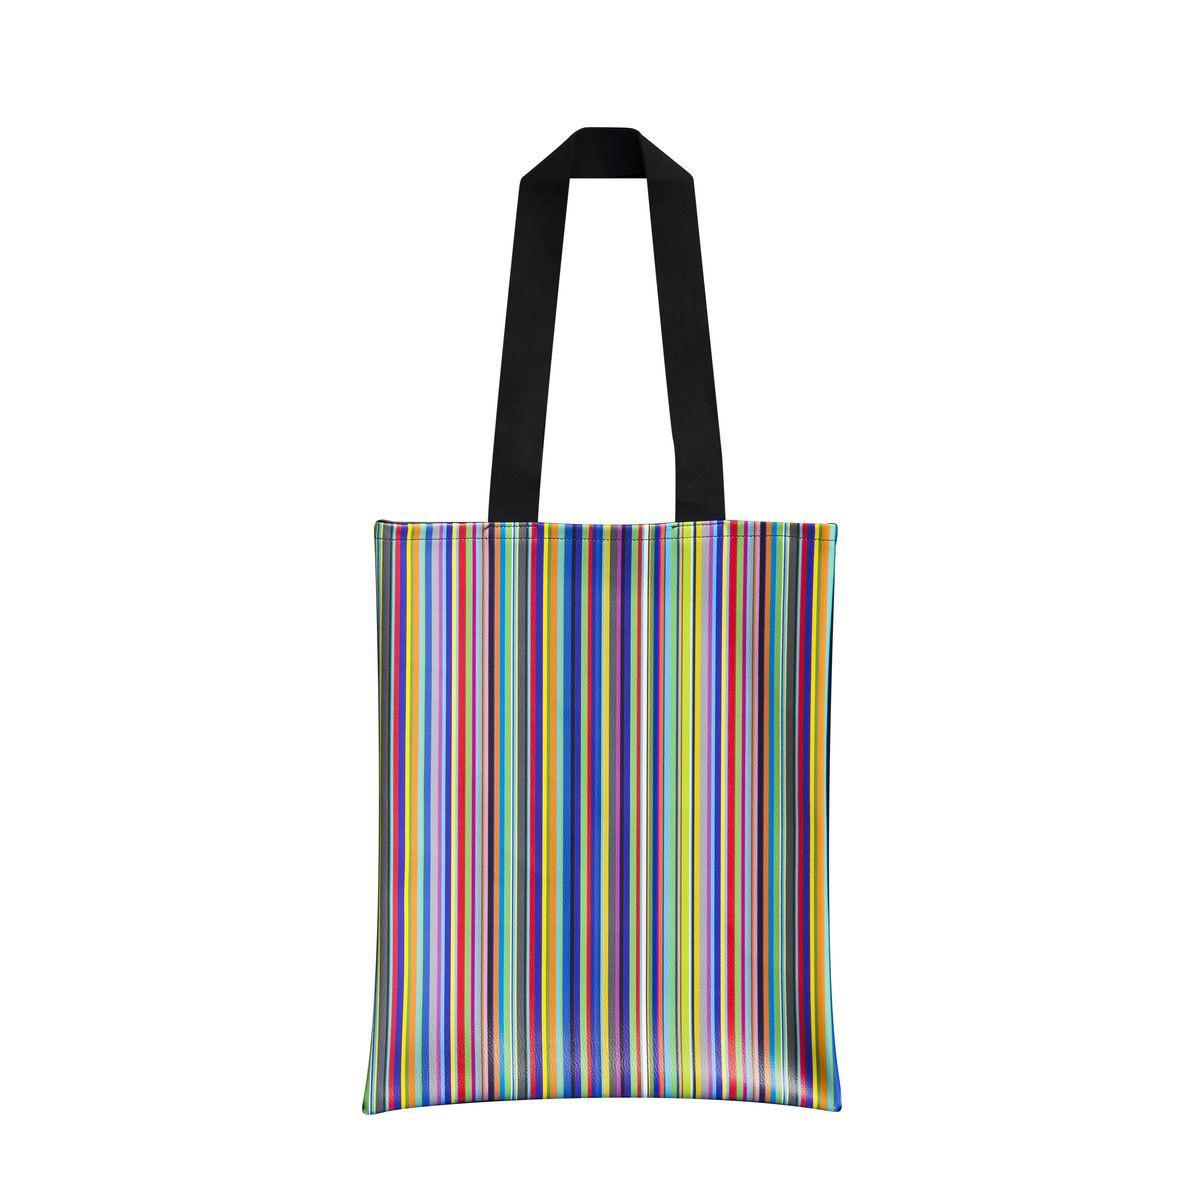 Borsa da viaggio con fantasia a rithe verticali colorate Total Stripes